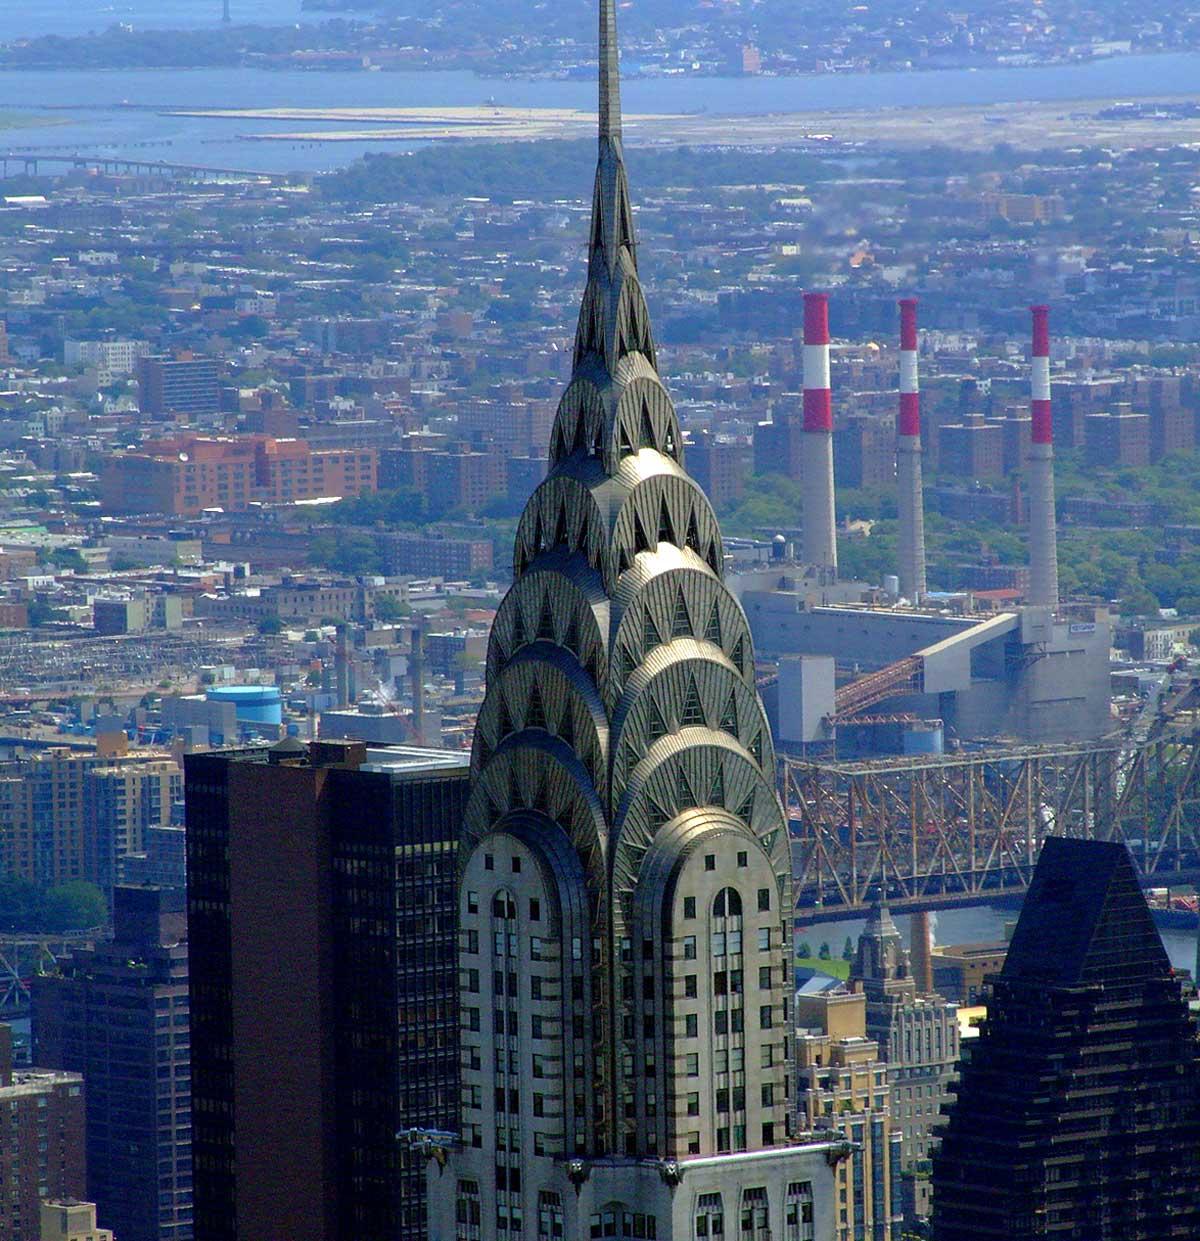 Het Chrysler Building in New York, gezien vanaf het Empire State Building